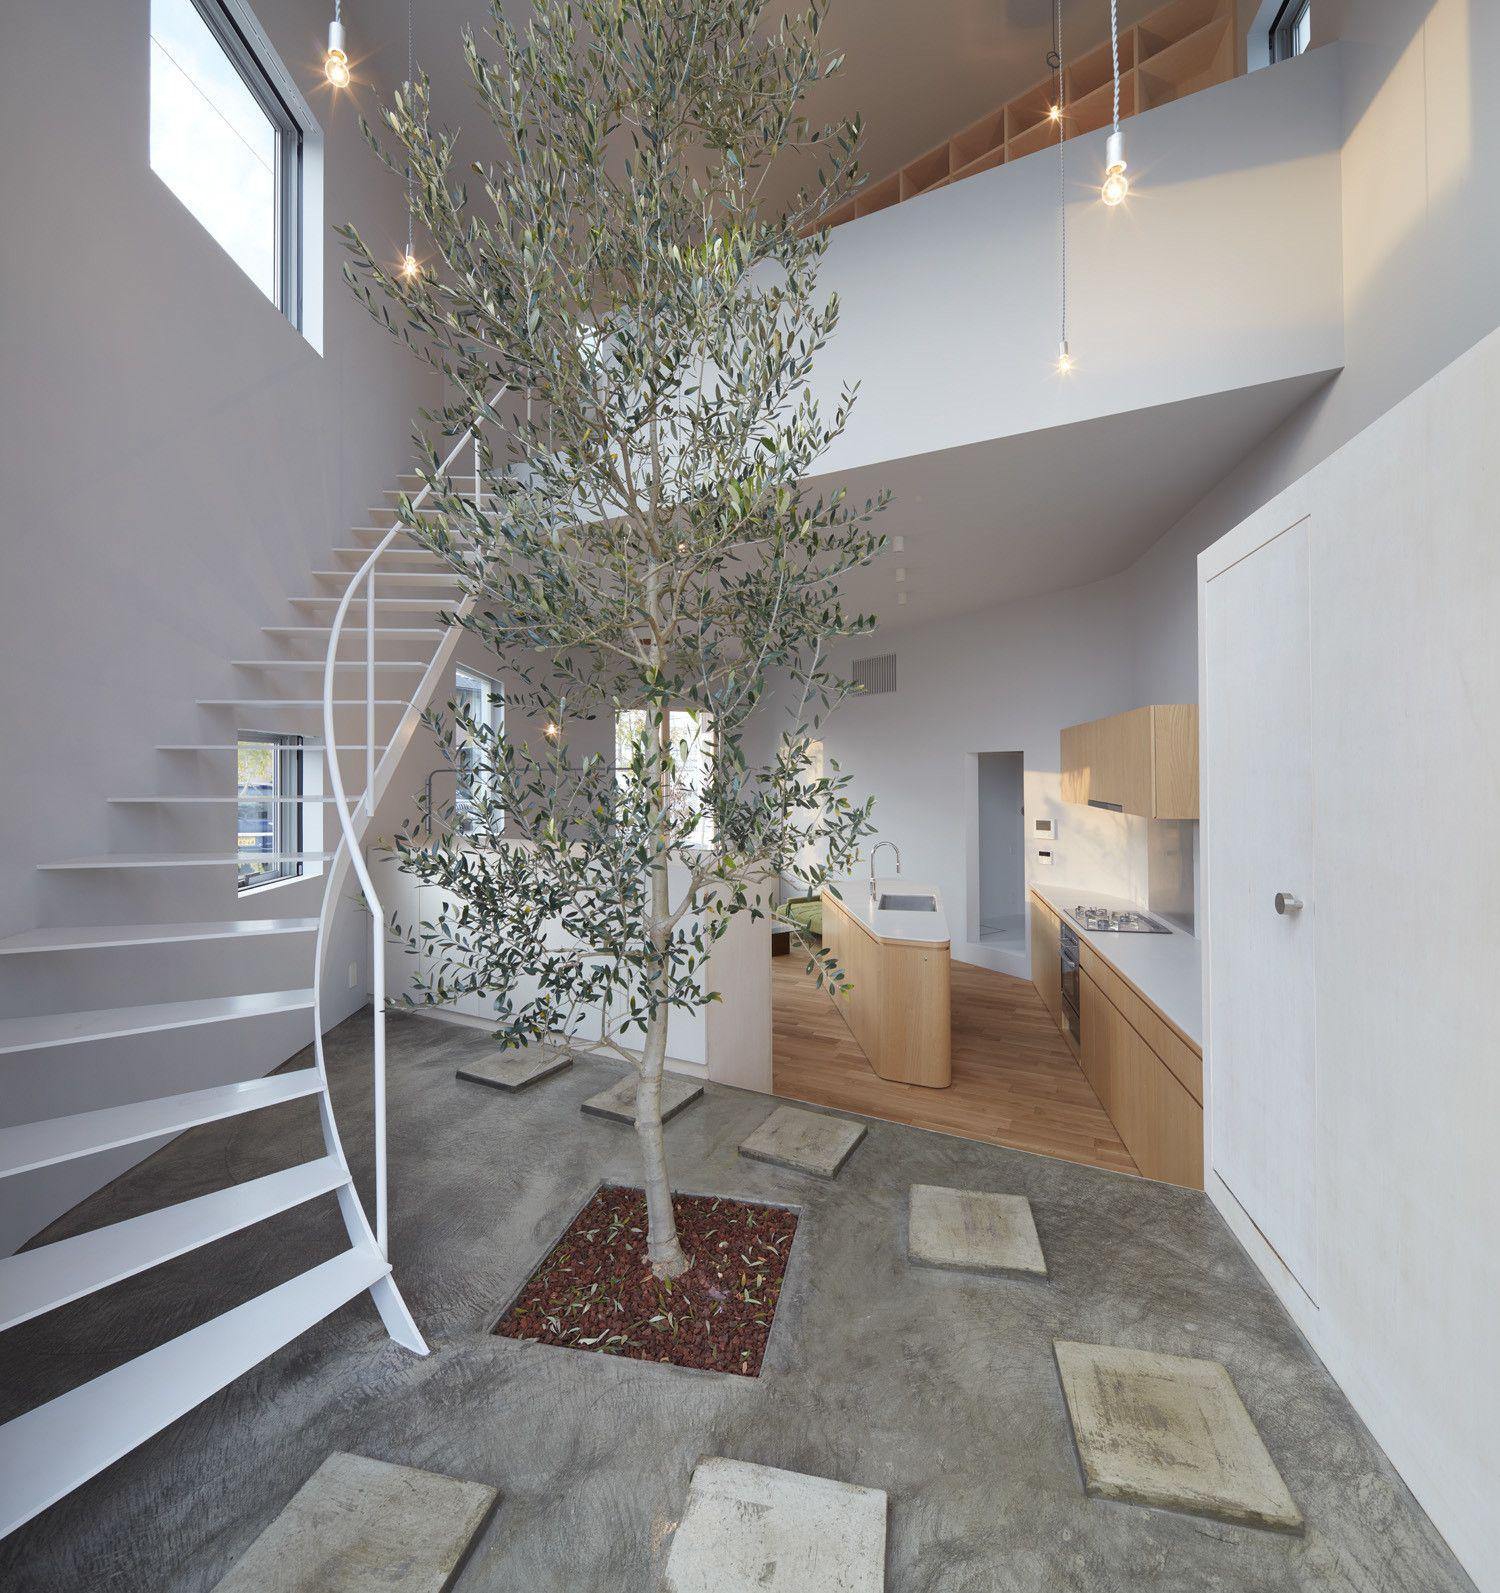 Ultra moderne häuser japan foto japanische architektur japanische kultur teilen treppe beziehungen leitern modern